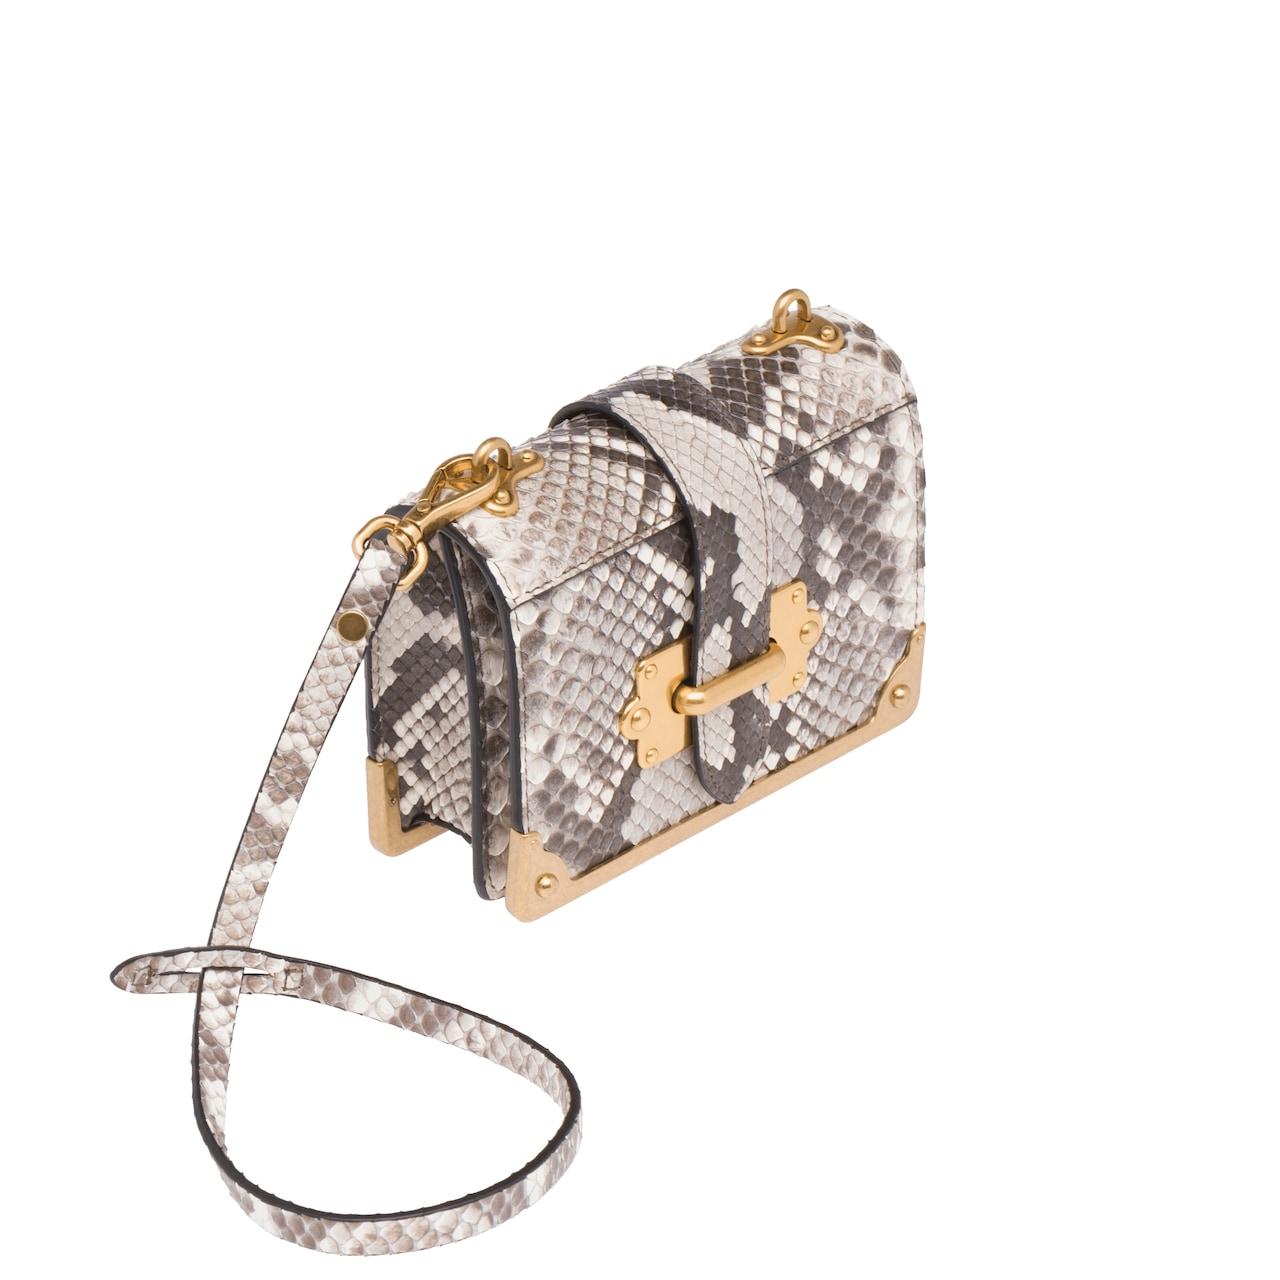 bfbec7644500 Prada Micro Cahier Python Bag